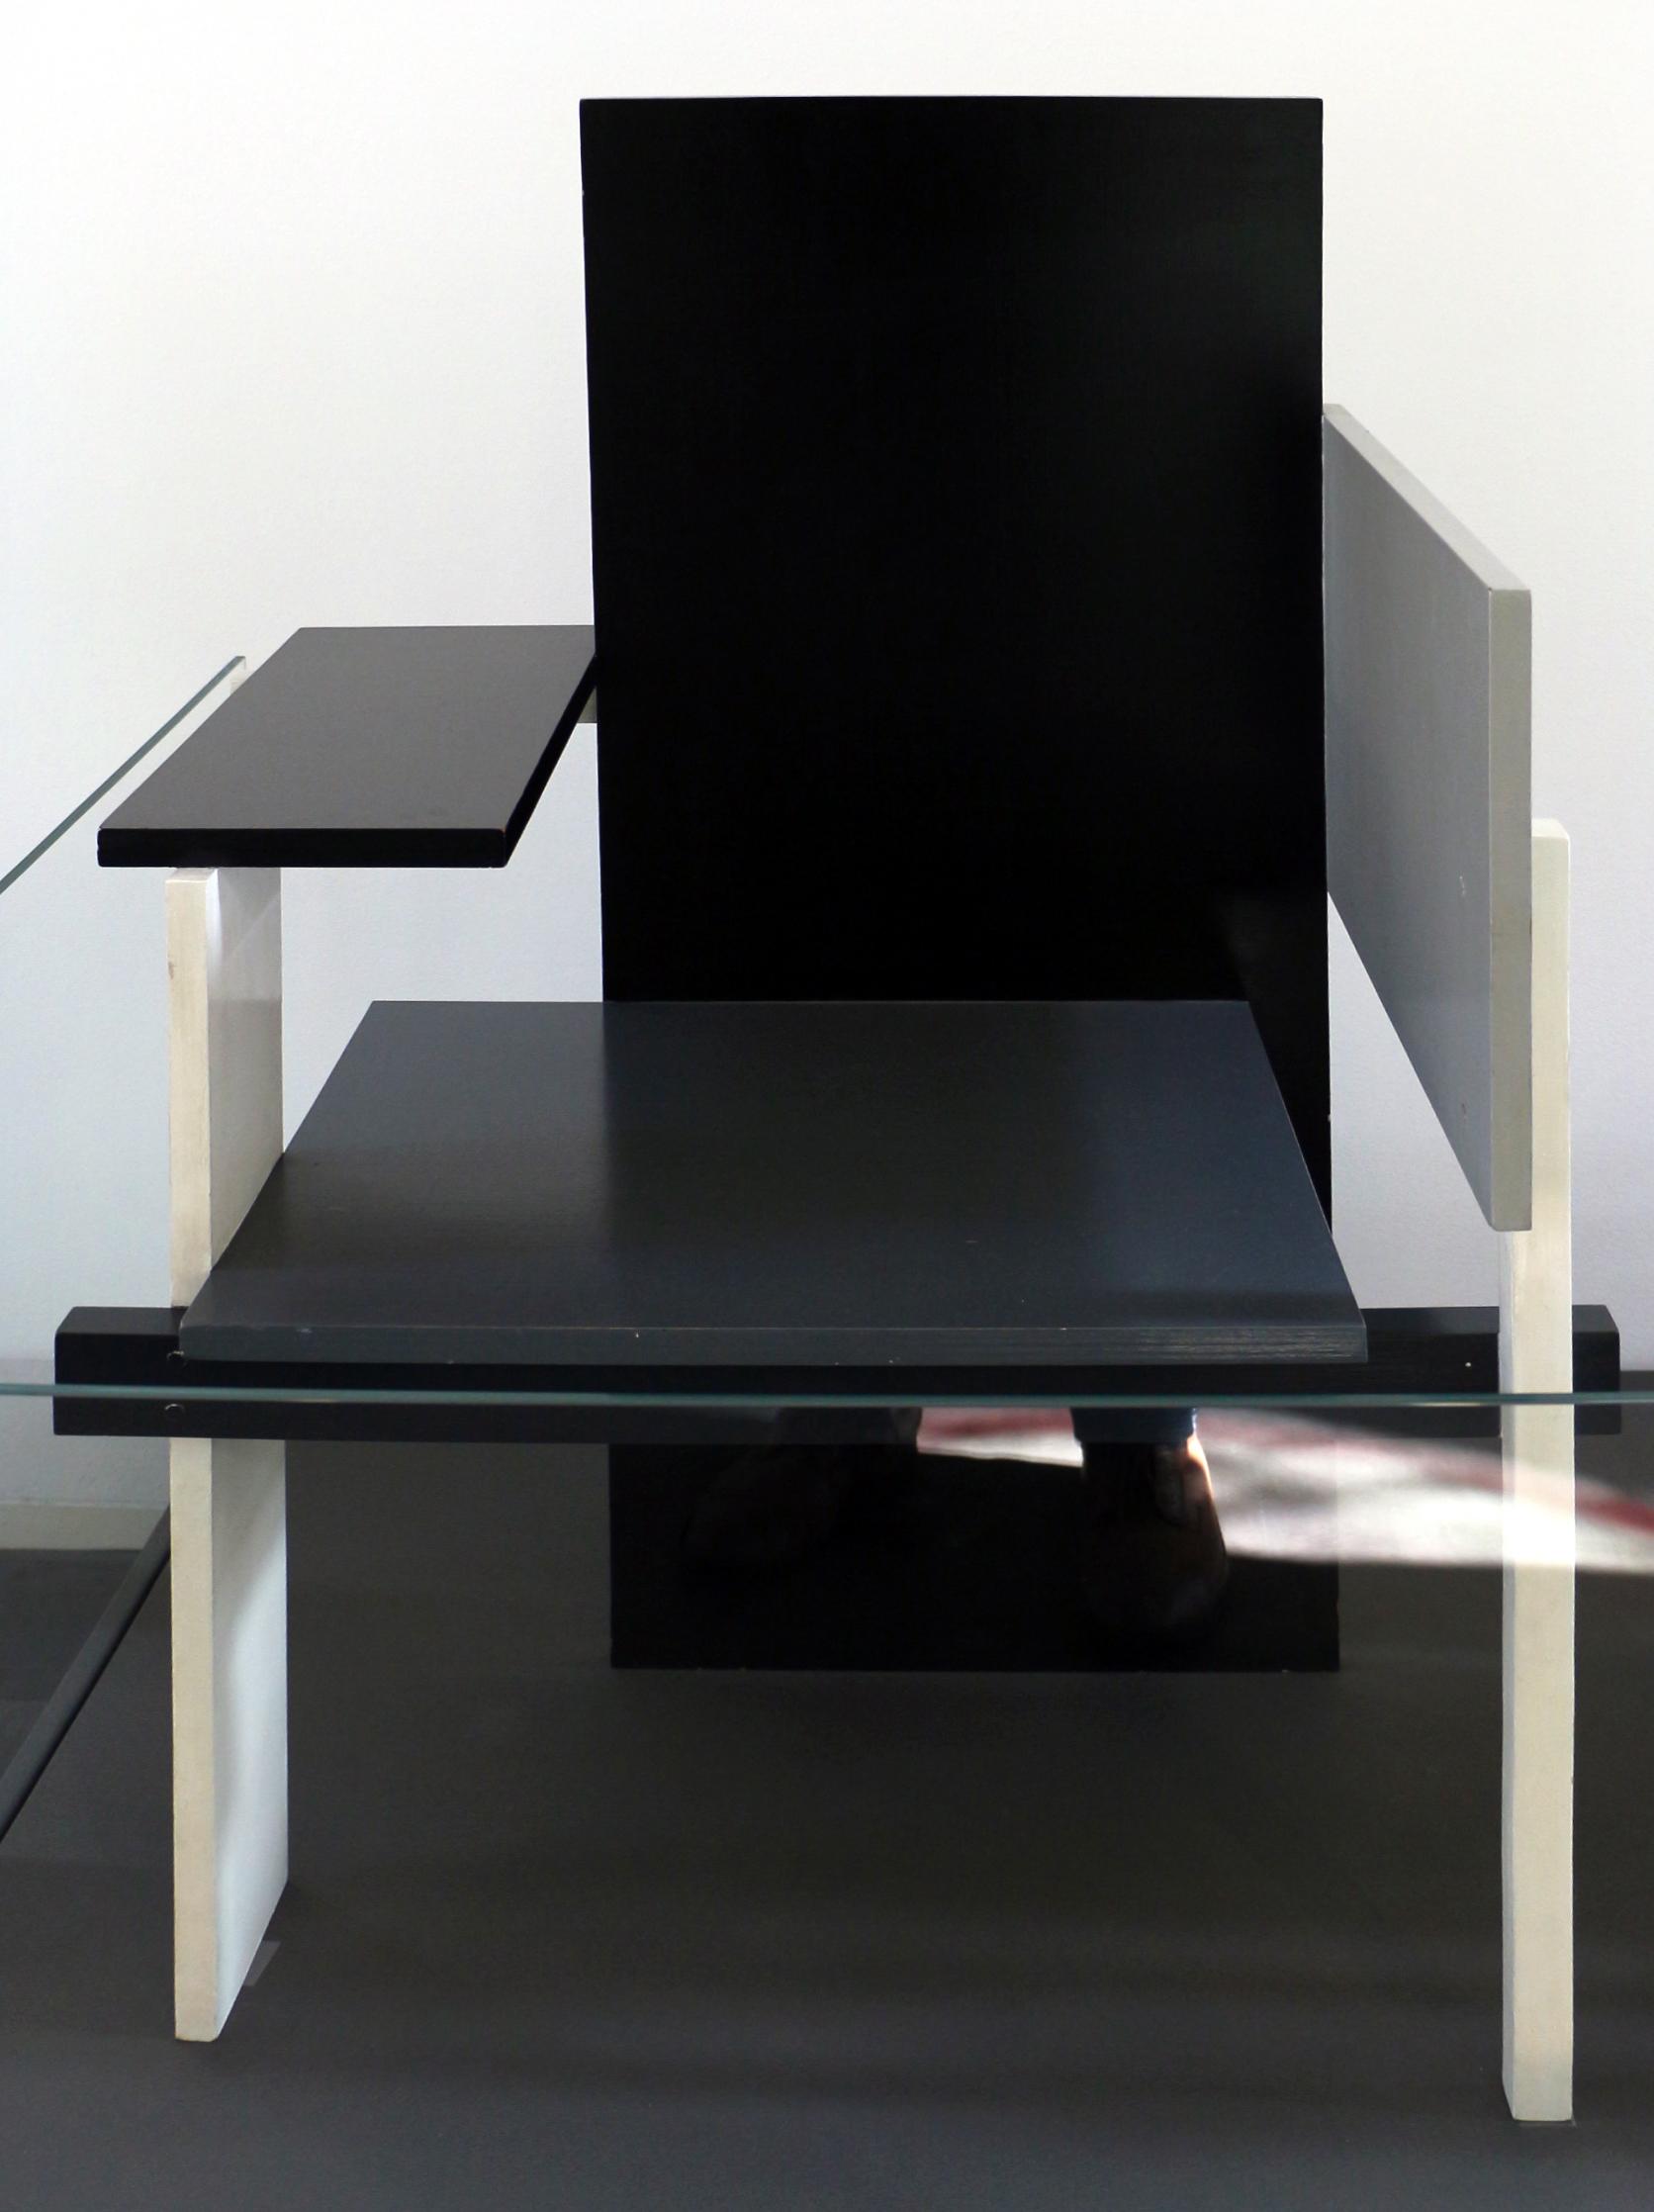 Sedia Design Rietveld.File Gerrit Rietveld Design E Gerard A Van De Groenekan